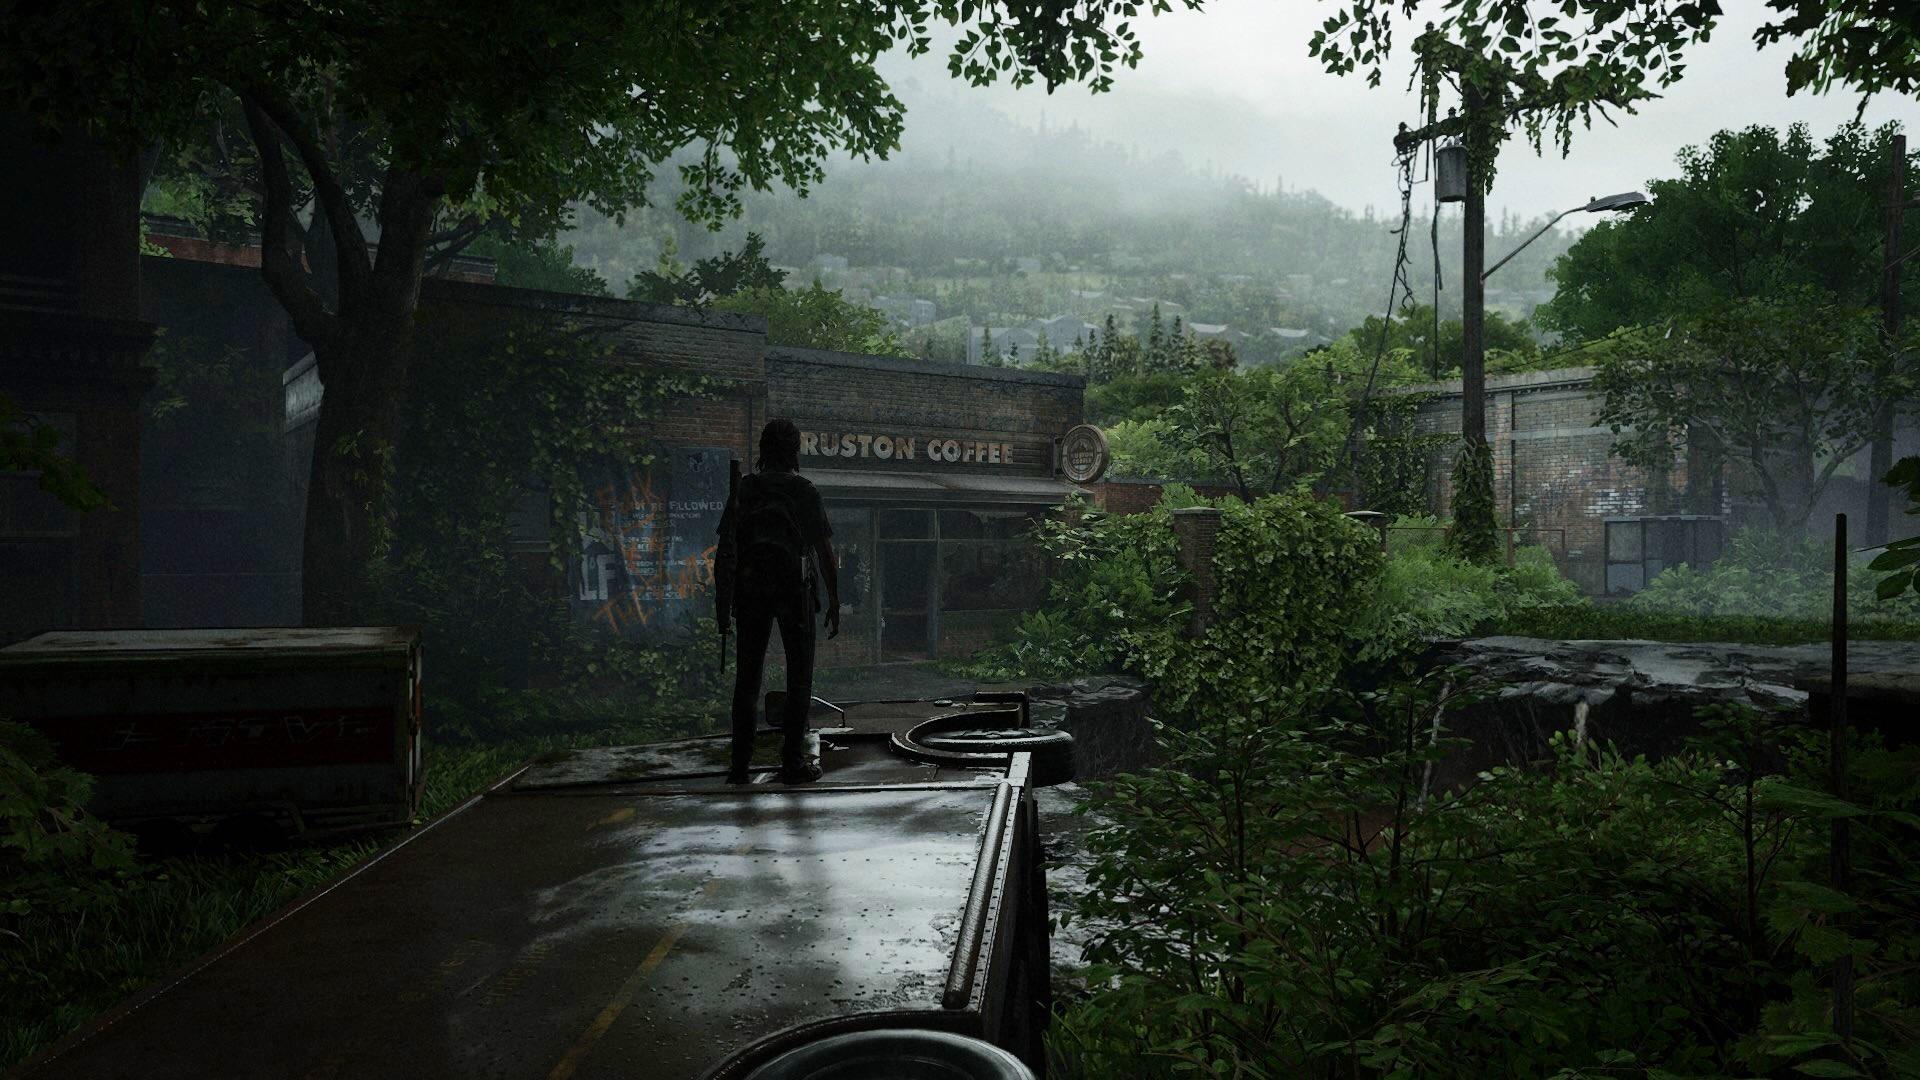 盲人玩家通关《最后的生还者2》 发推感激顽皮狗